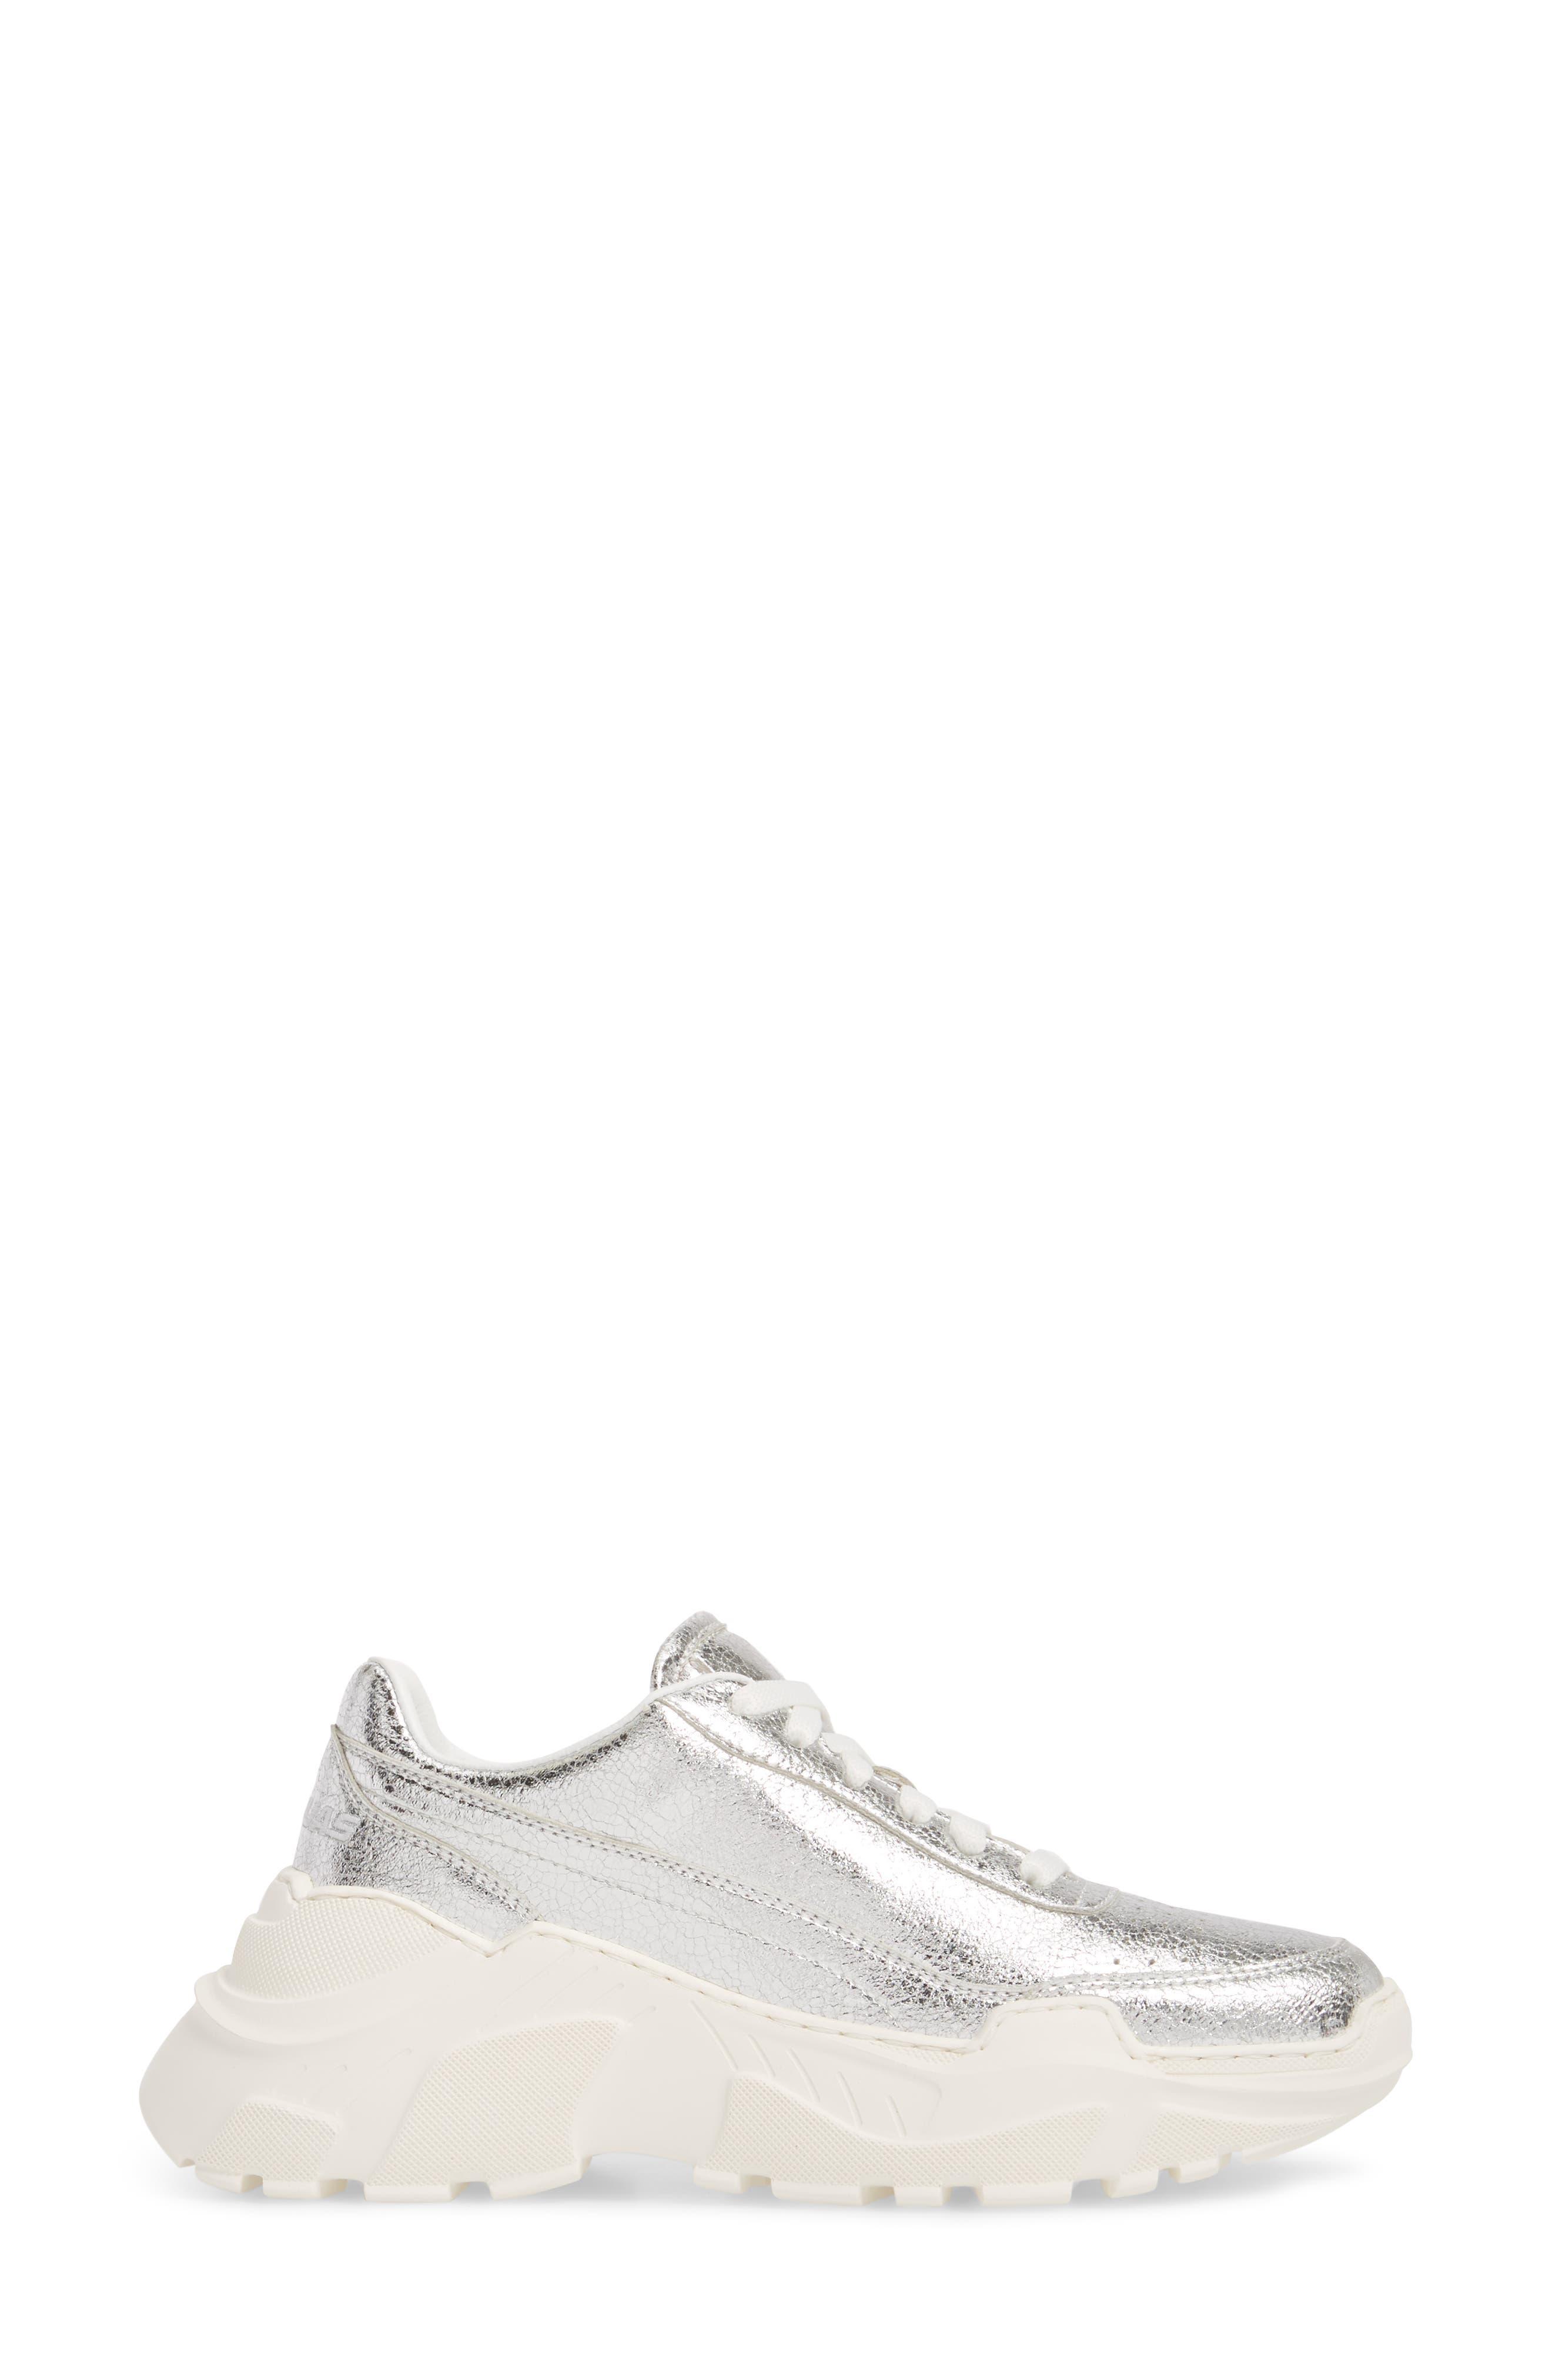 Zenith Sneaker,                             Alternate thumbnail 3, color,                             020